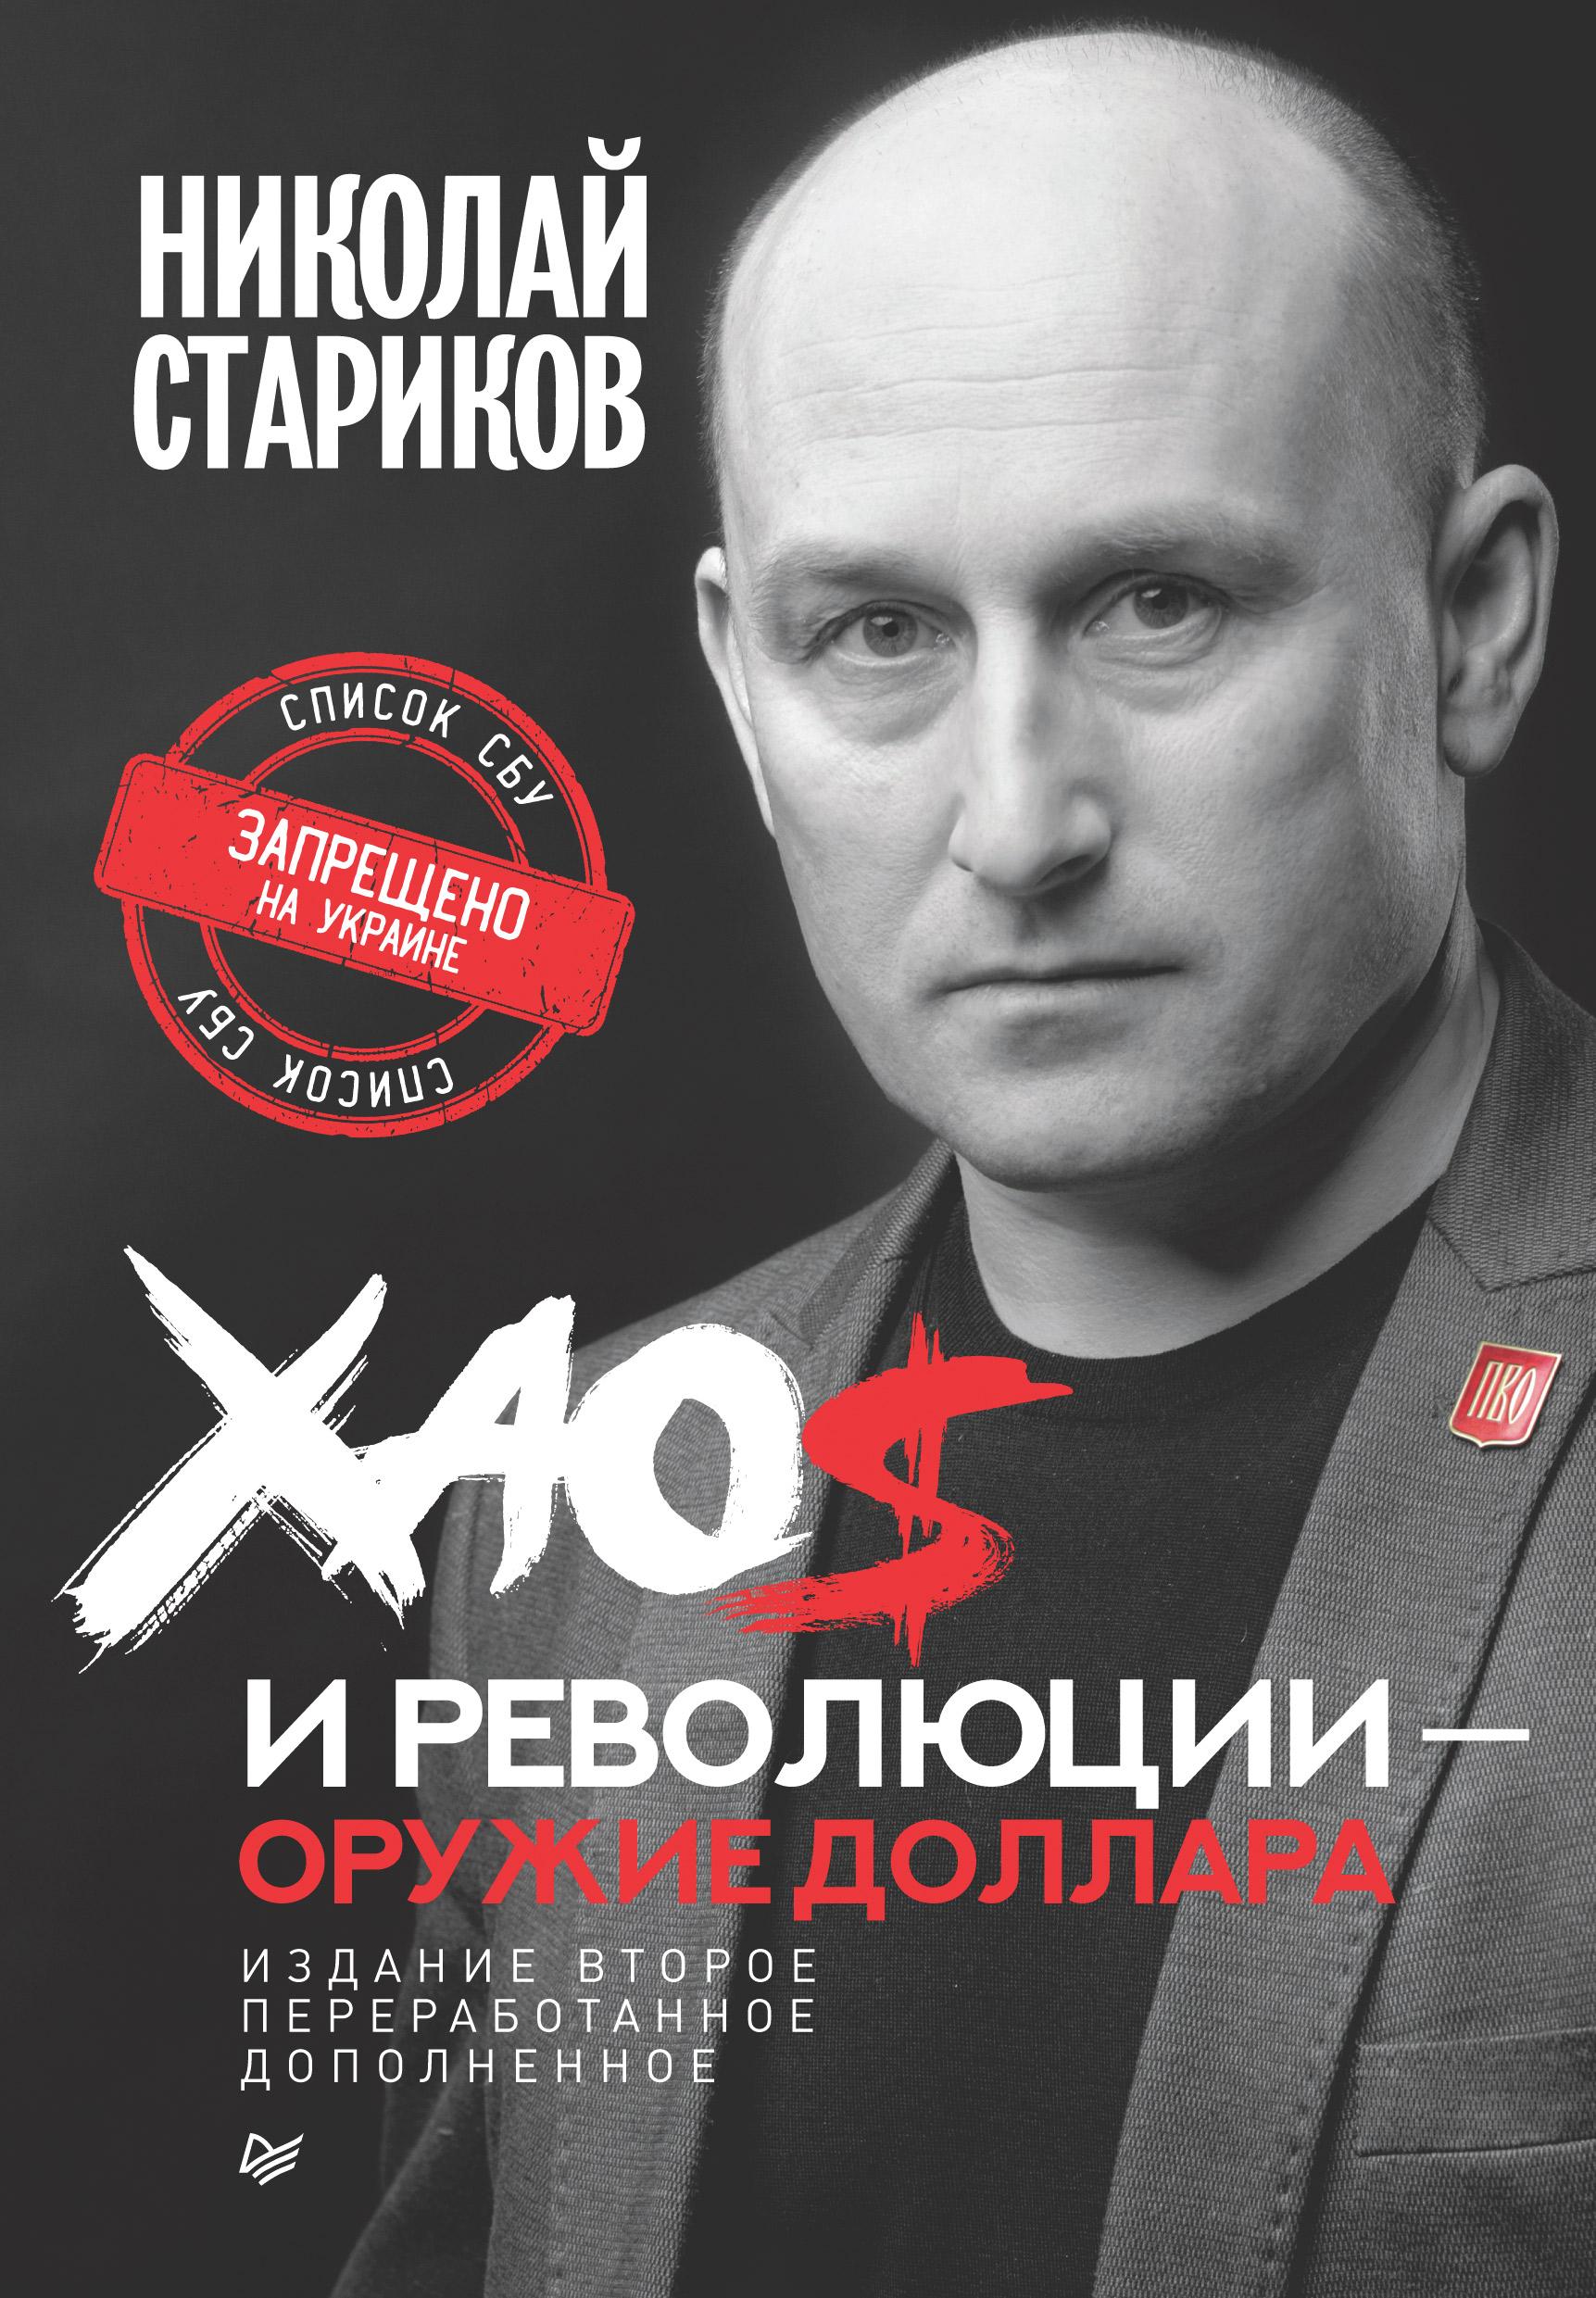 Николай Стариков Хаос и революции – оружие доллара дизайн форма и хаос